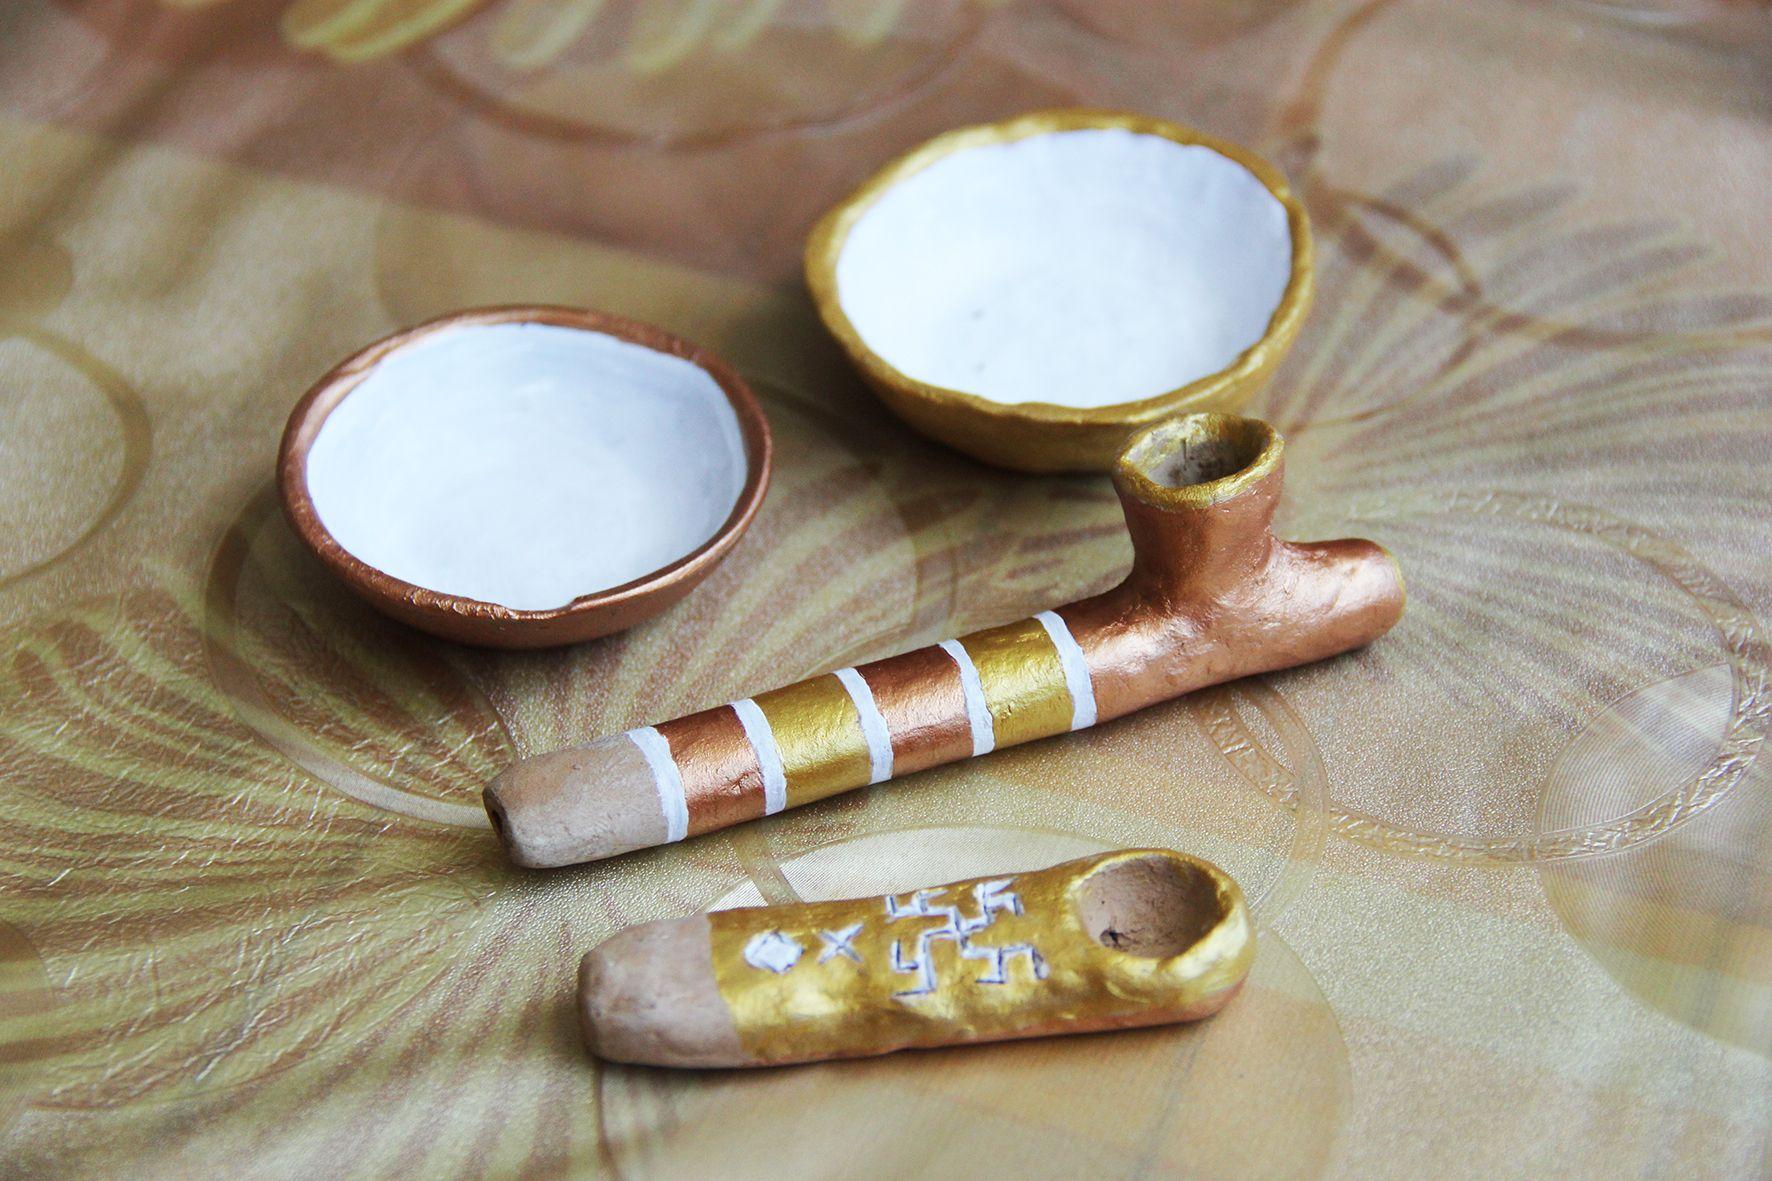 Соусницы и курительные трубки. Ручная работа. Фото: Evgenia Shveda